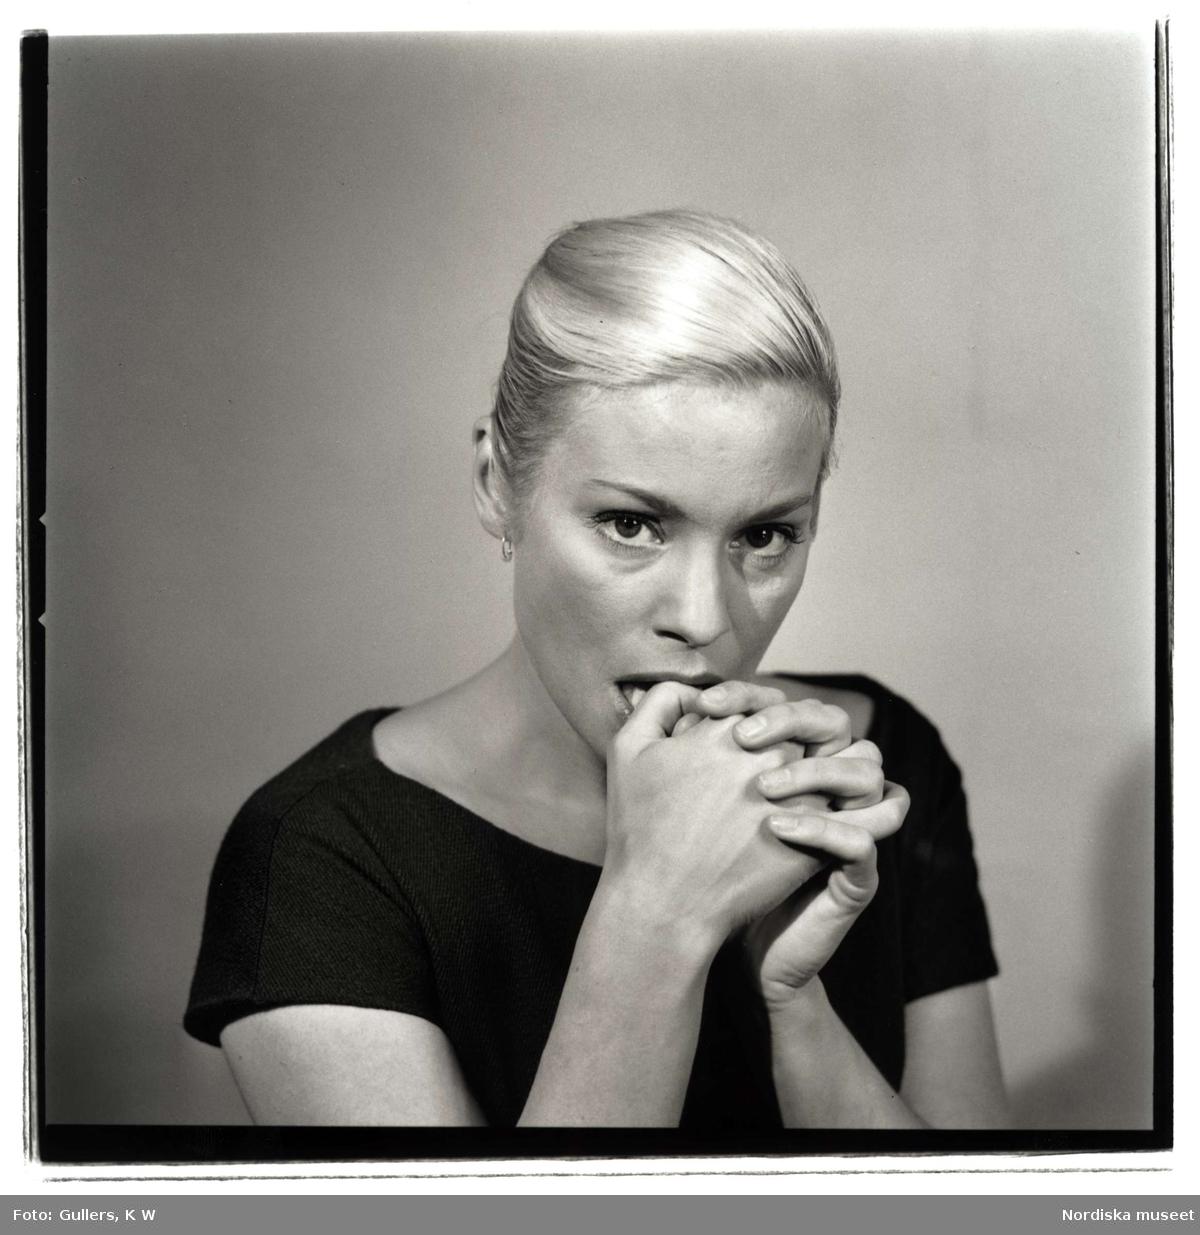 Porträtt av skådespelerskan Ingrid Thulin.